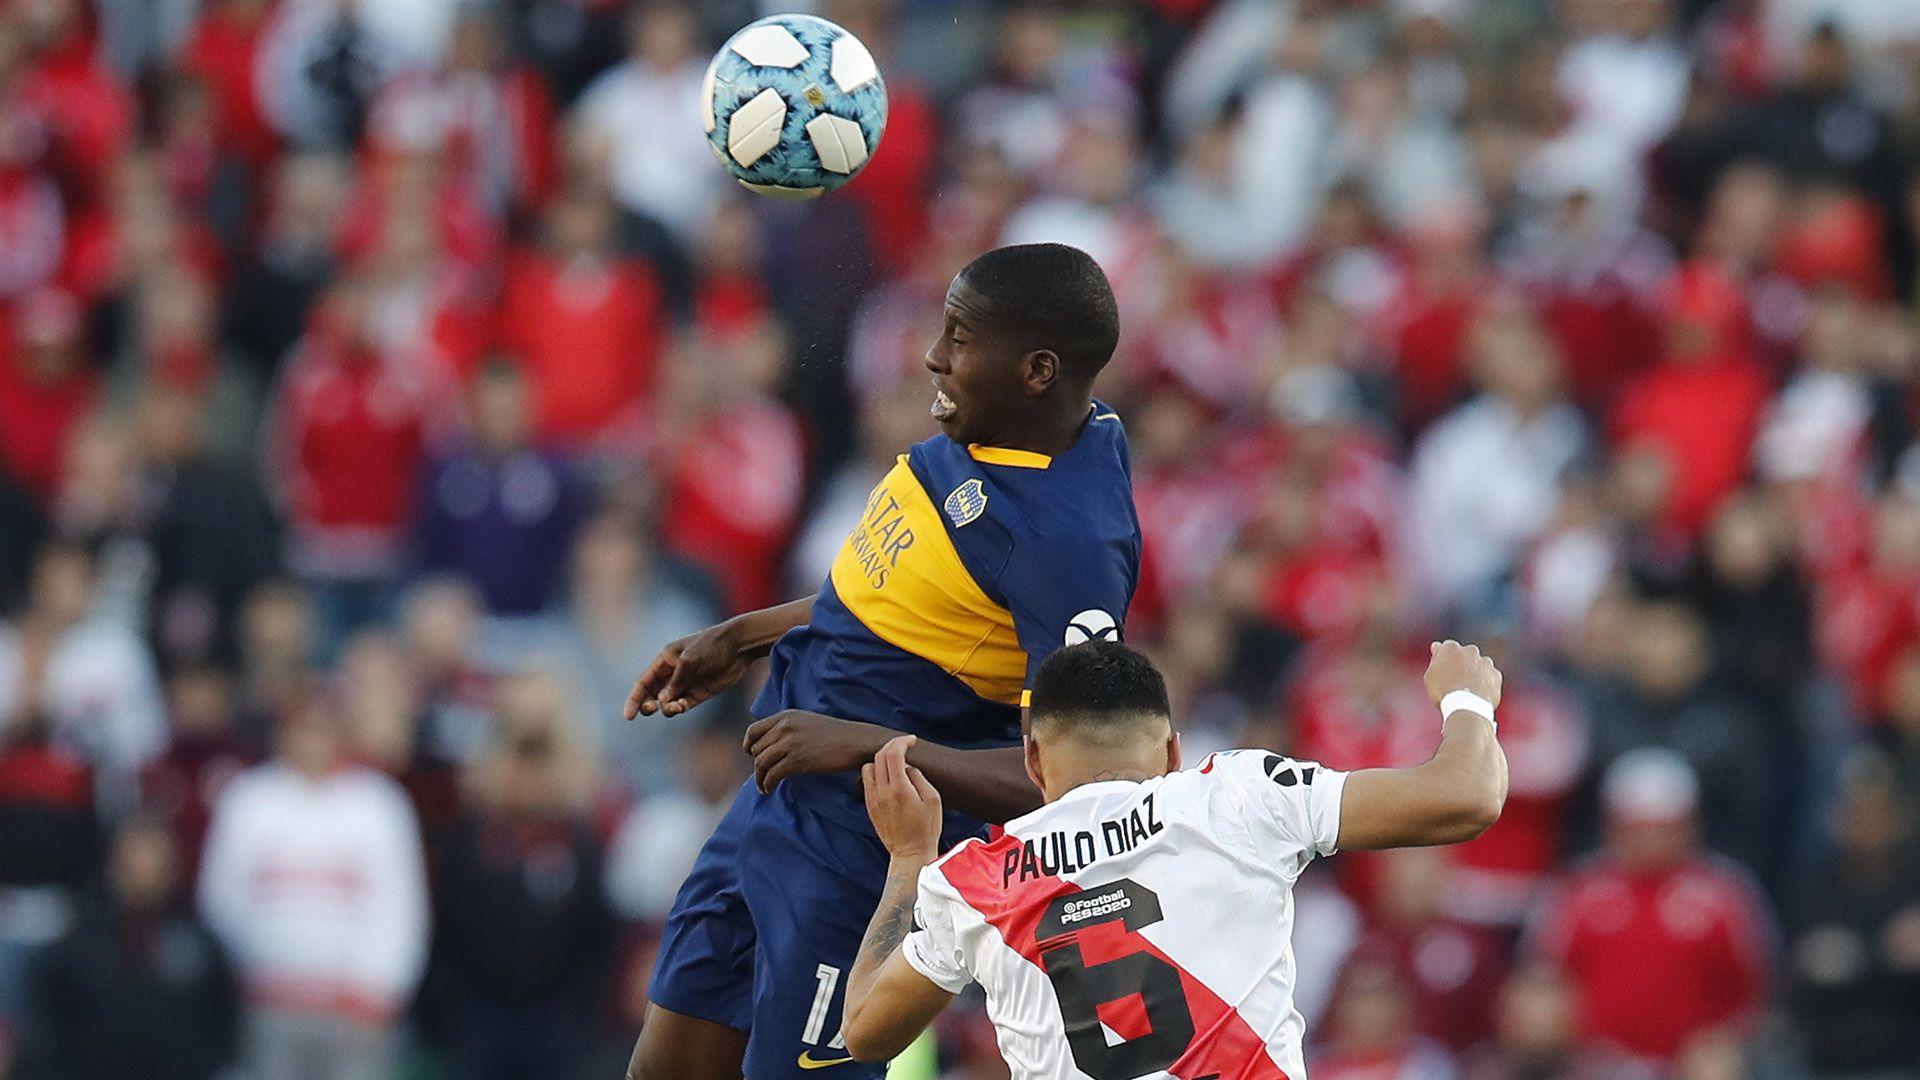 Boca estuvo flojo en ataque, Jan Hurtado no tuvo un buen partido y fue cambiado en la segunda parte